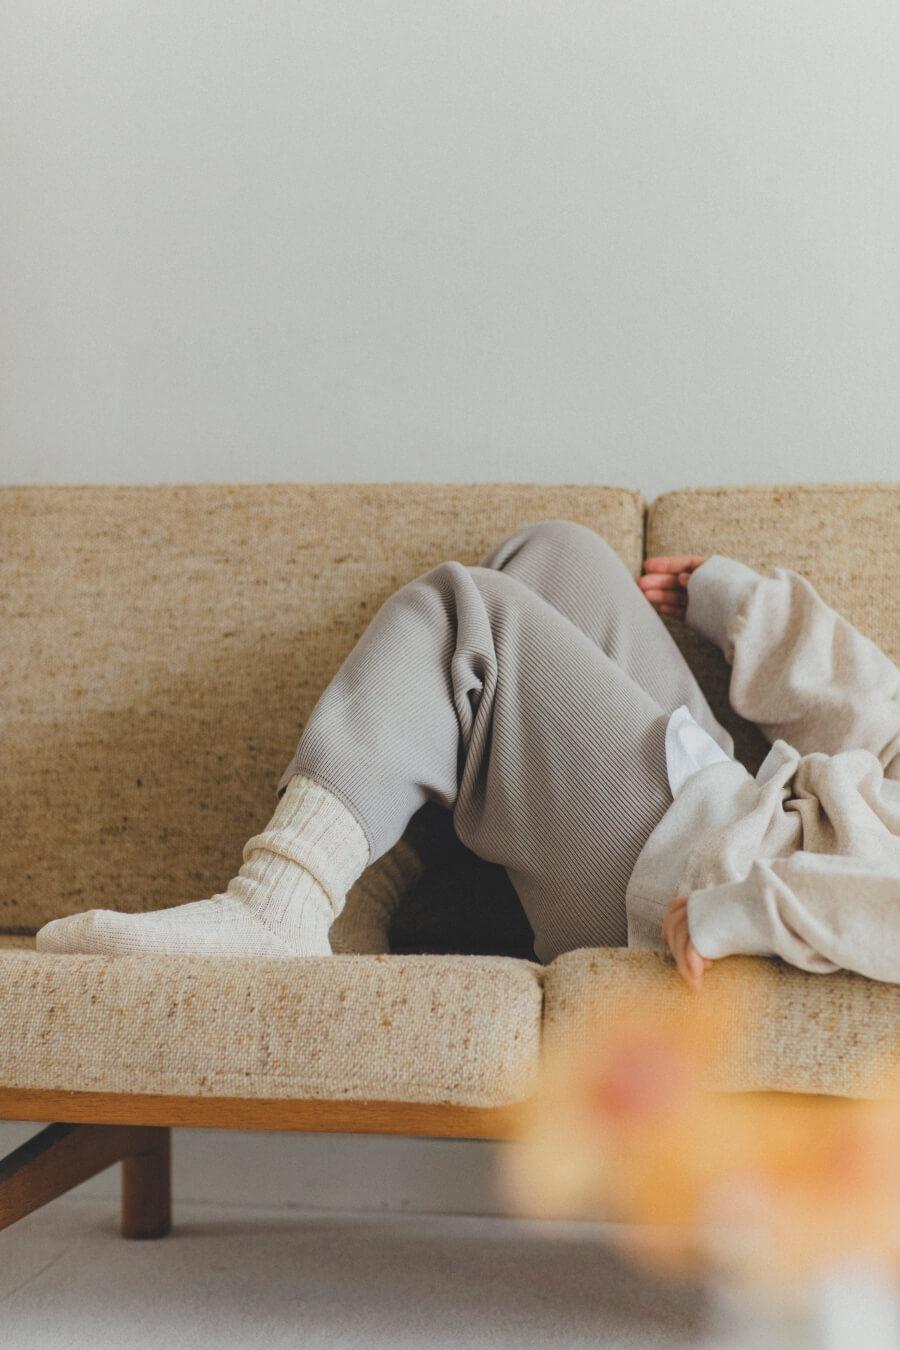 当たりつきギフト専用靴下のLUCKY SOCKS(ラッキーソックス)のMix Rib Socks(ミックスリブソックス)のオフホワイト_image1